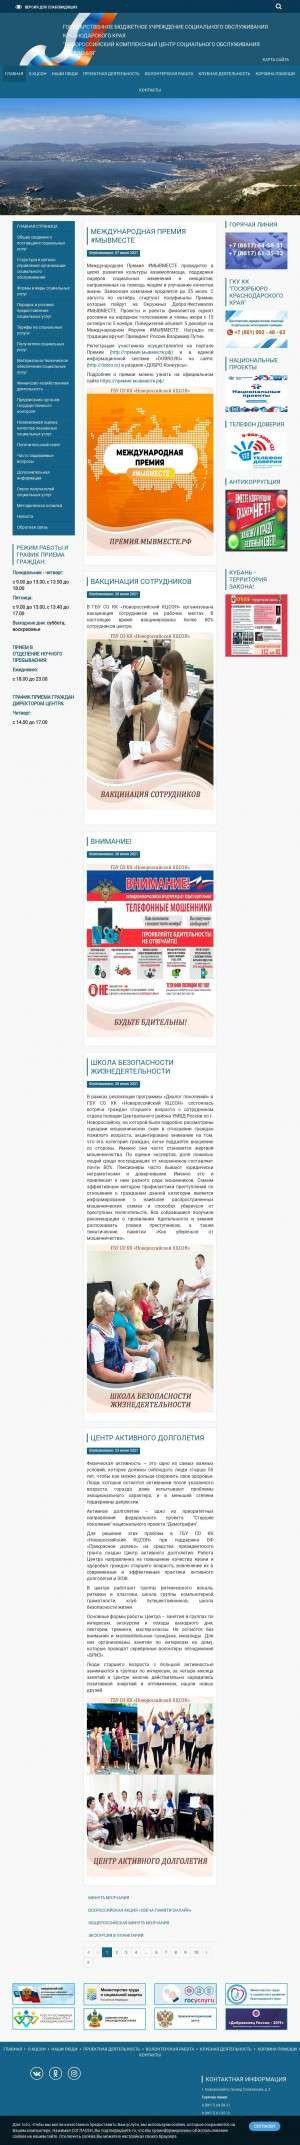 Предпросмотр для novorossiysk-kcson.ru — ГБУ Со КК Новороссийский КЦСОН